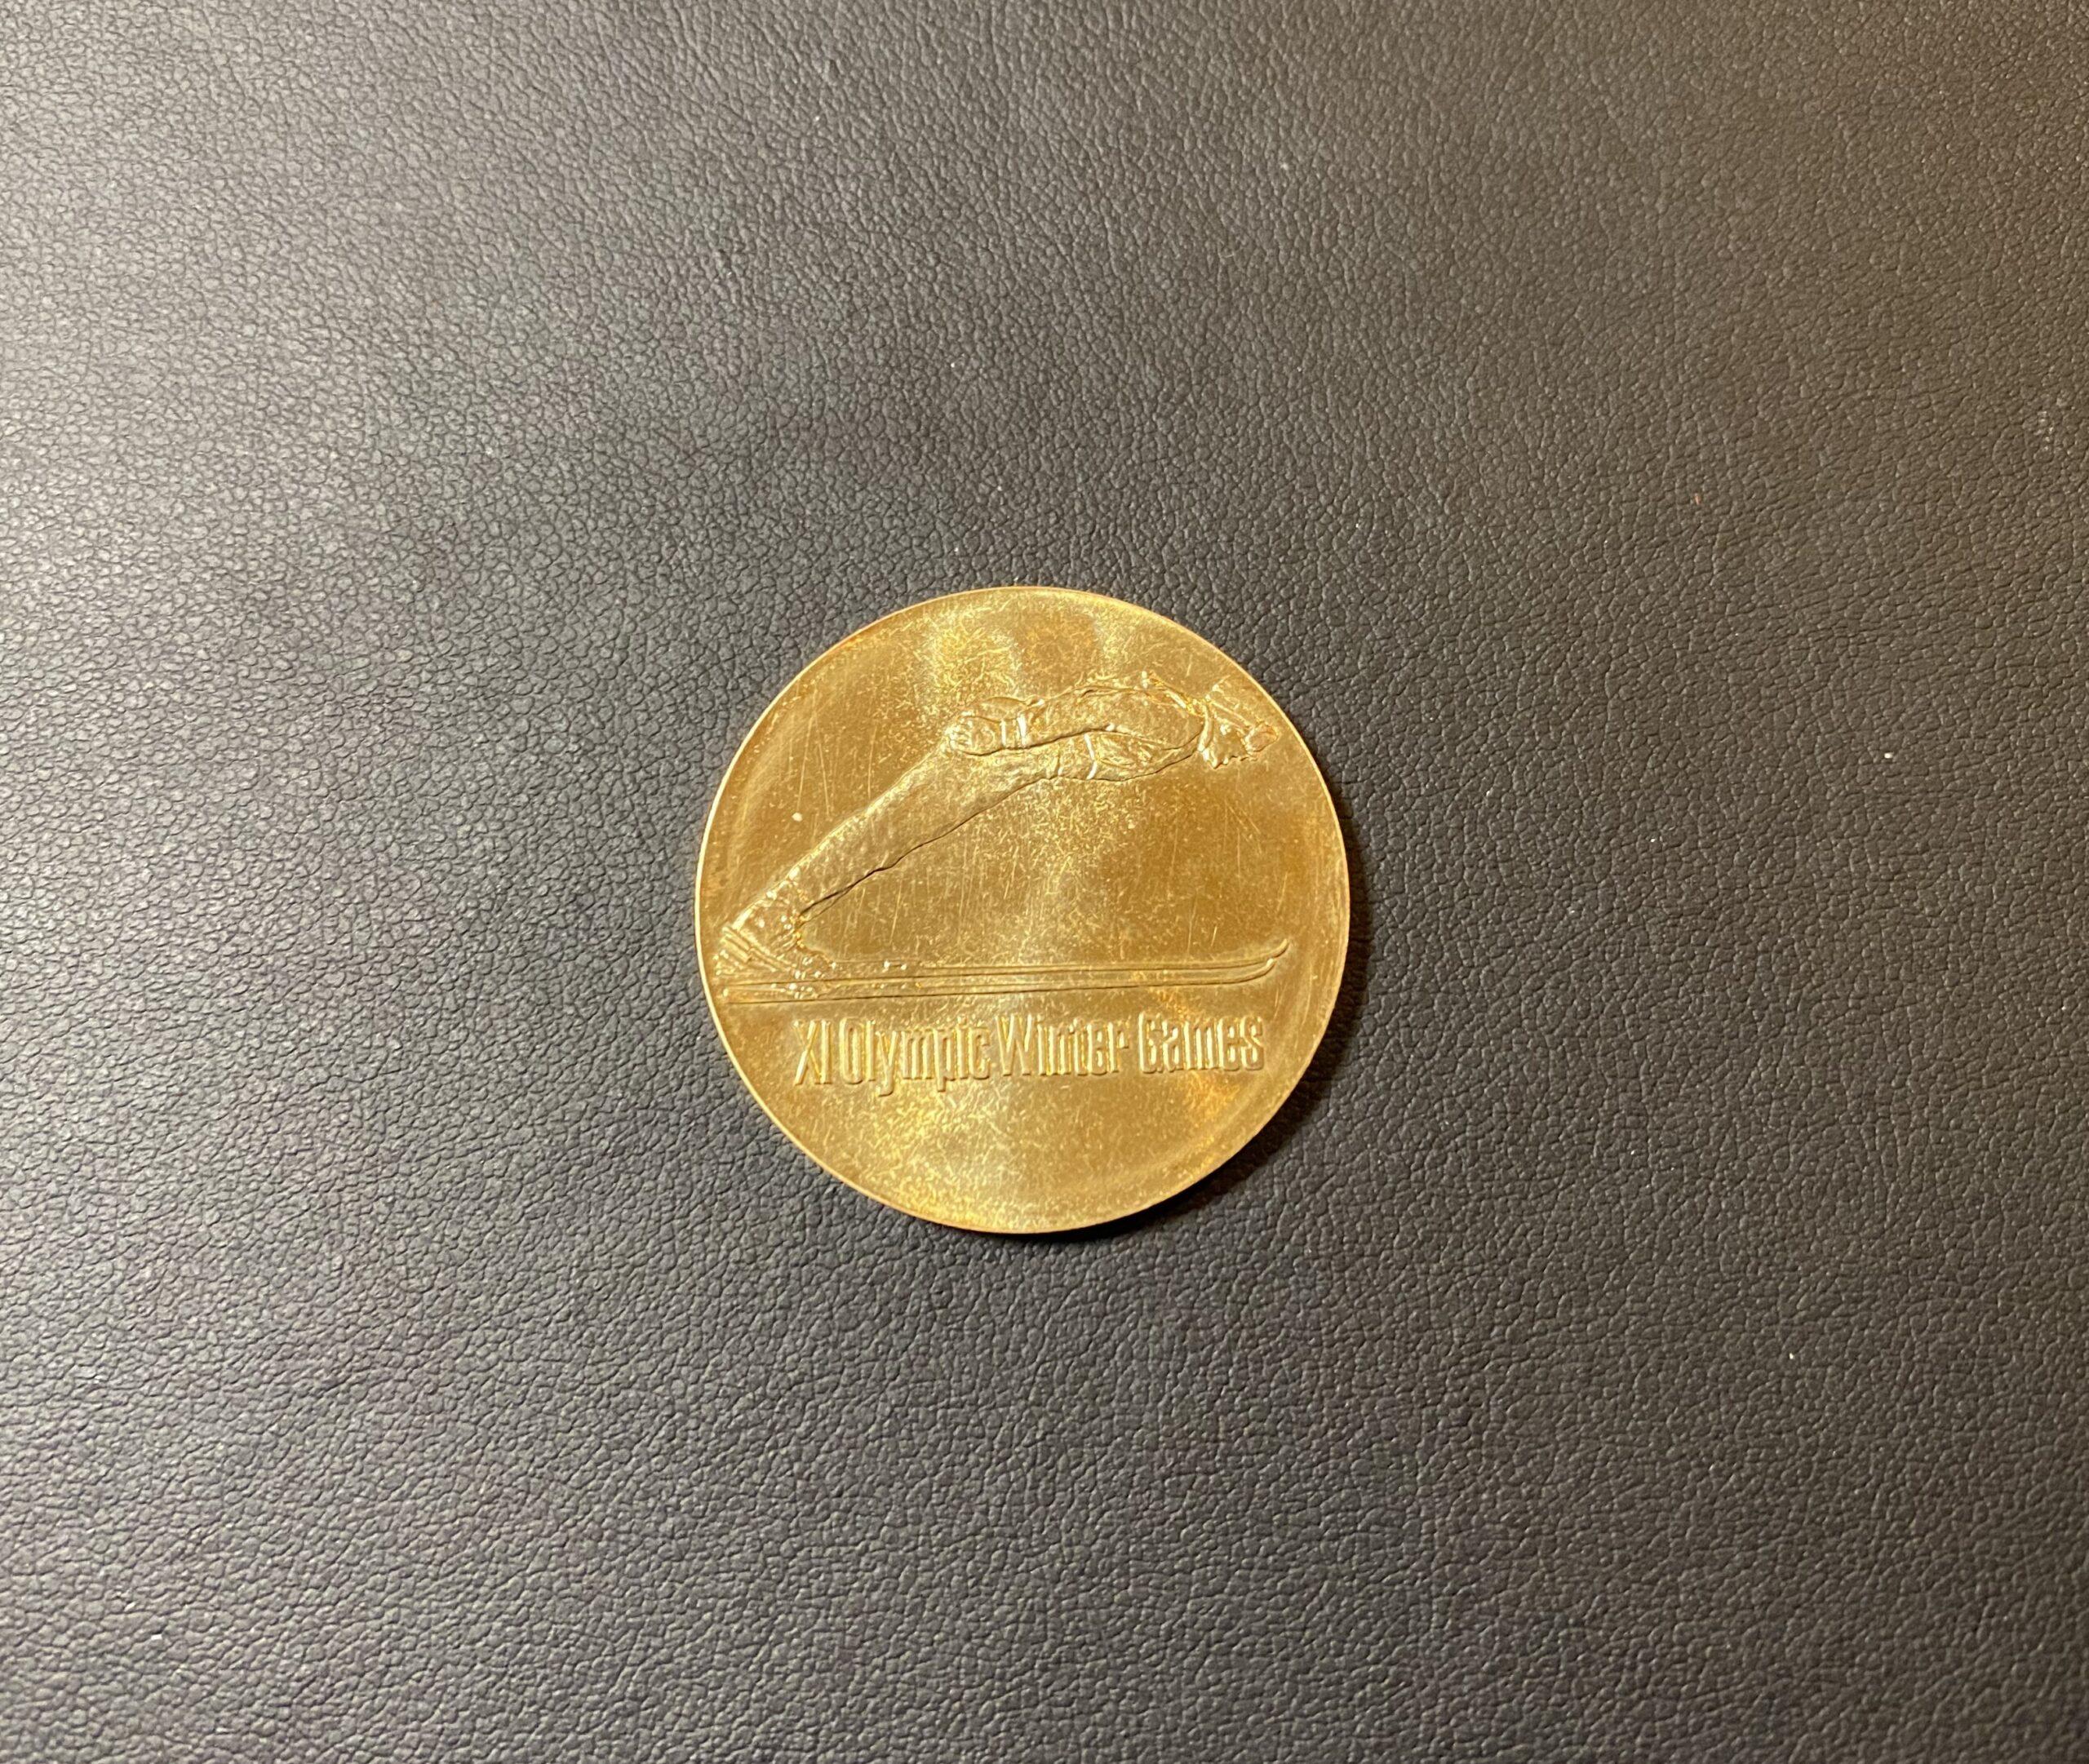 札幌オリンピック(五輪)冬季大会記念 金メダル(K18,750)をお買取!価格の相場は?